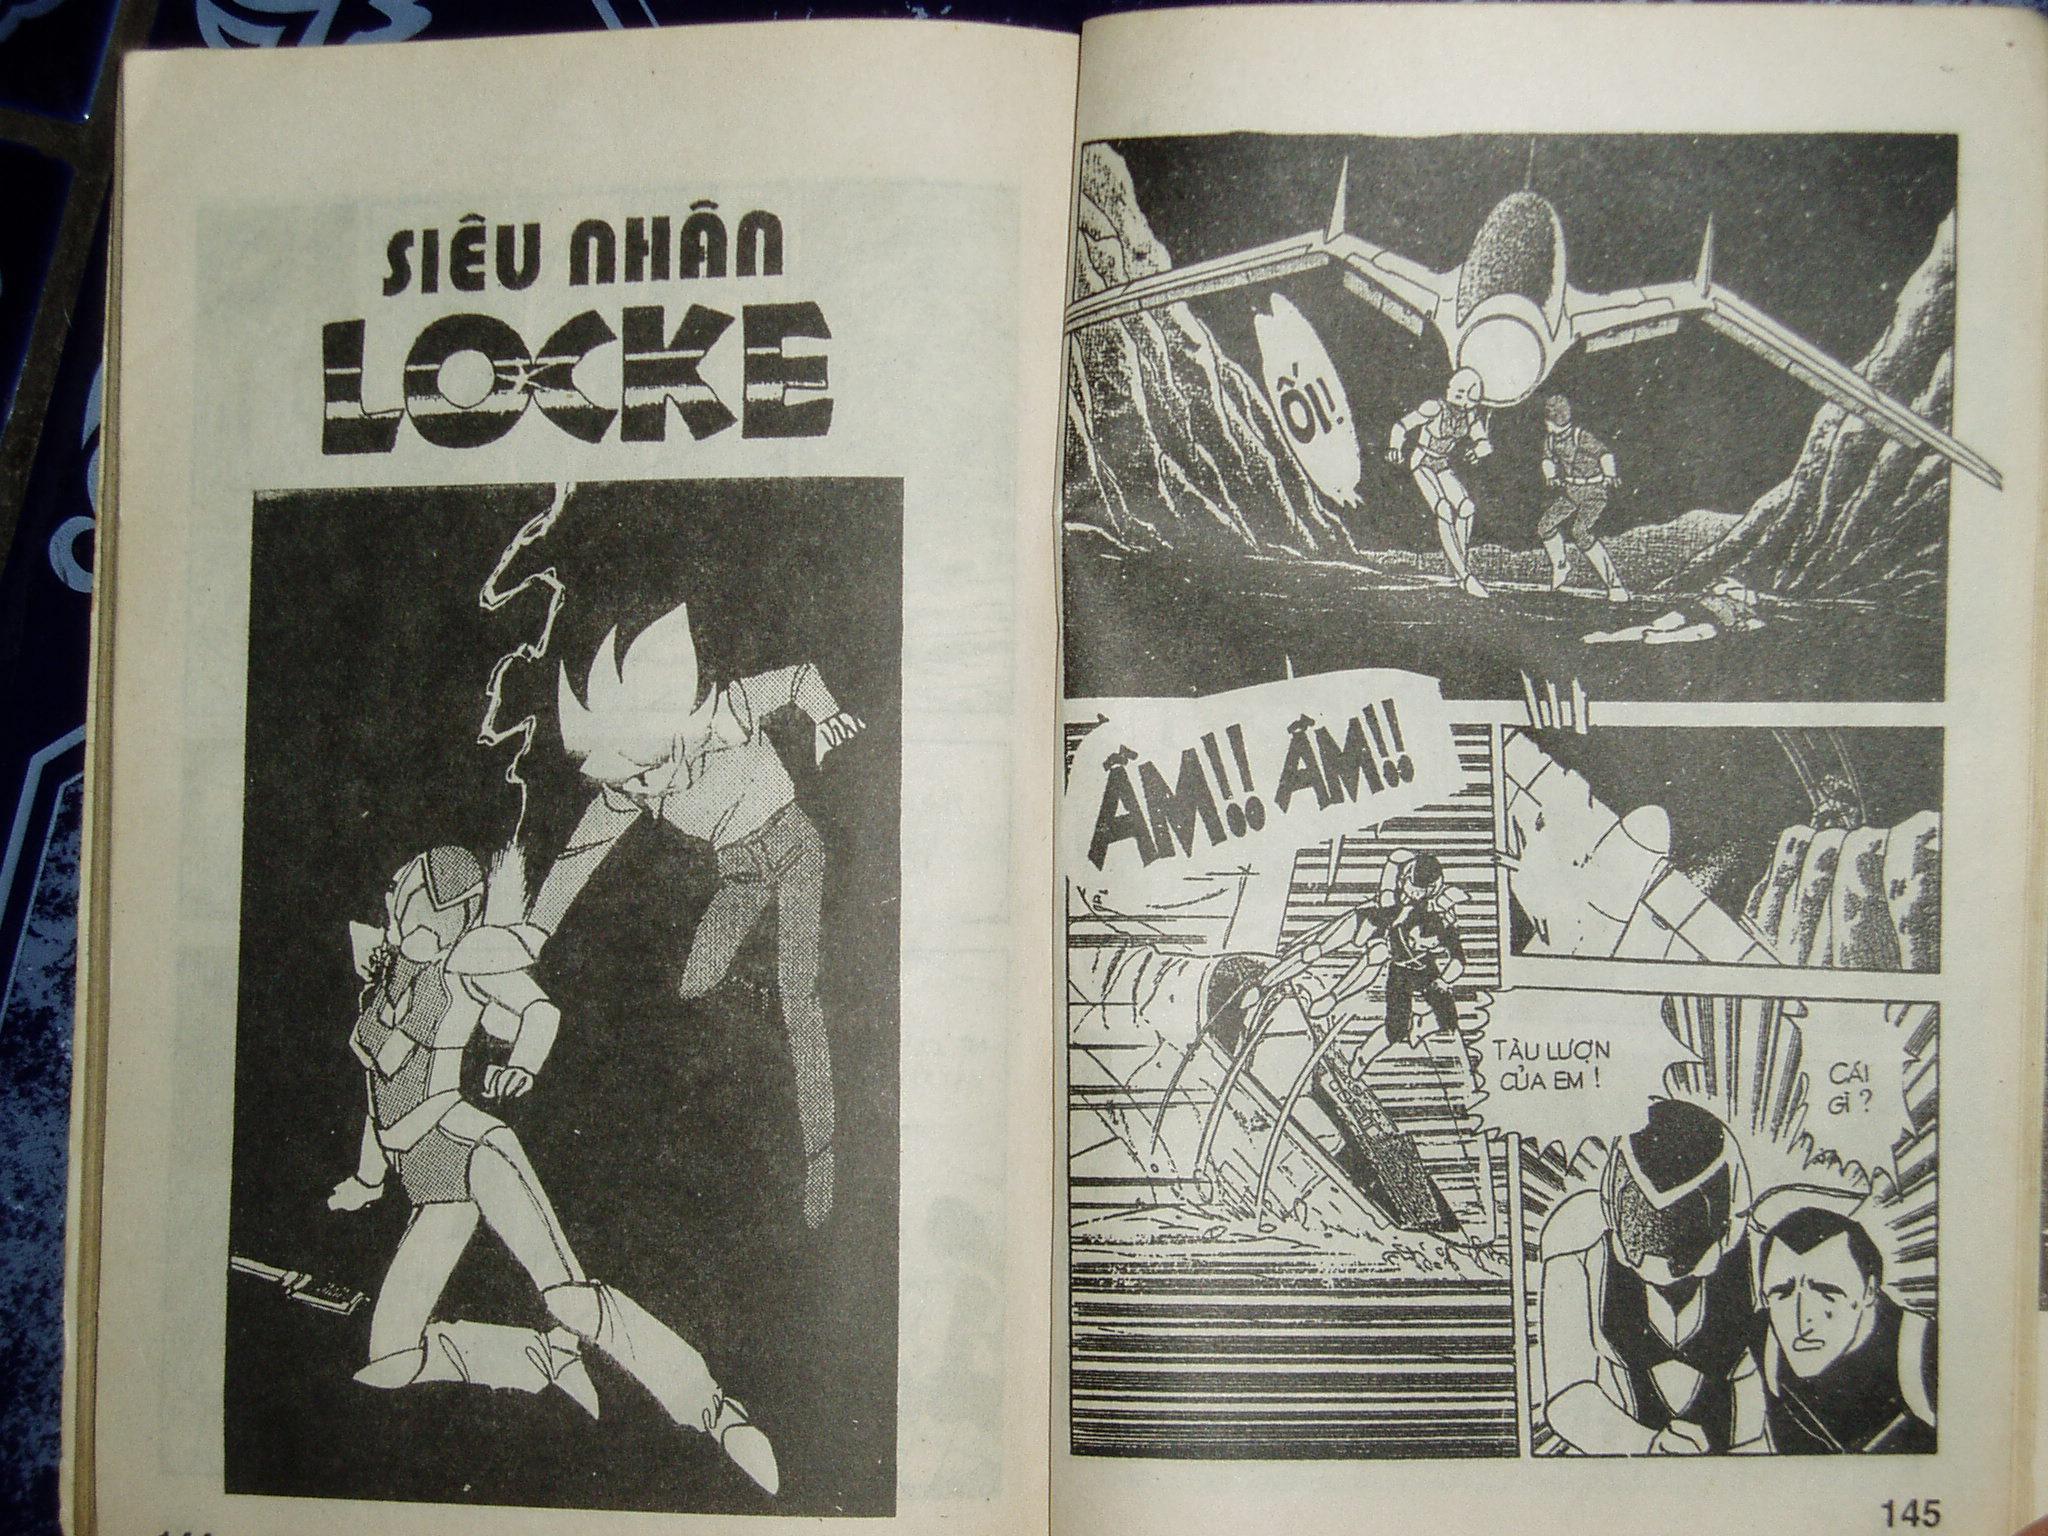 Siêu nhân Locke vol 16 trang 70